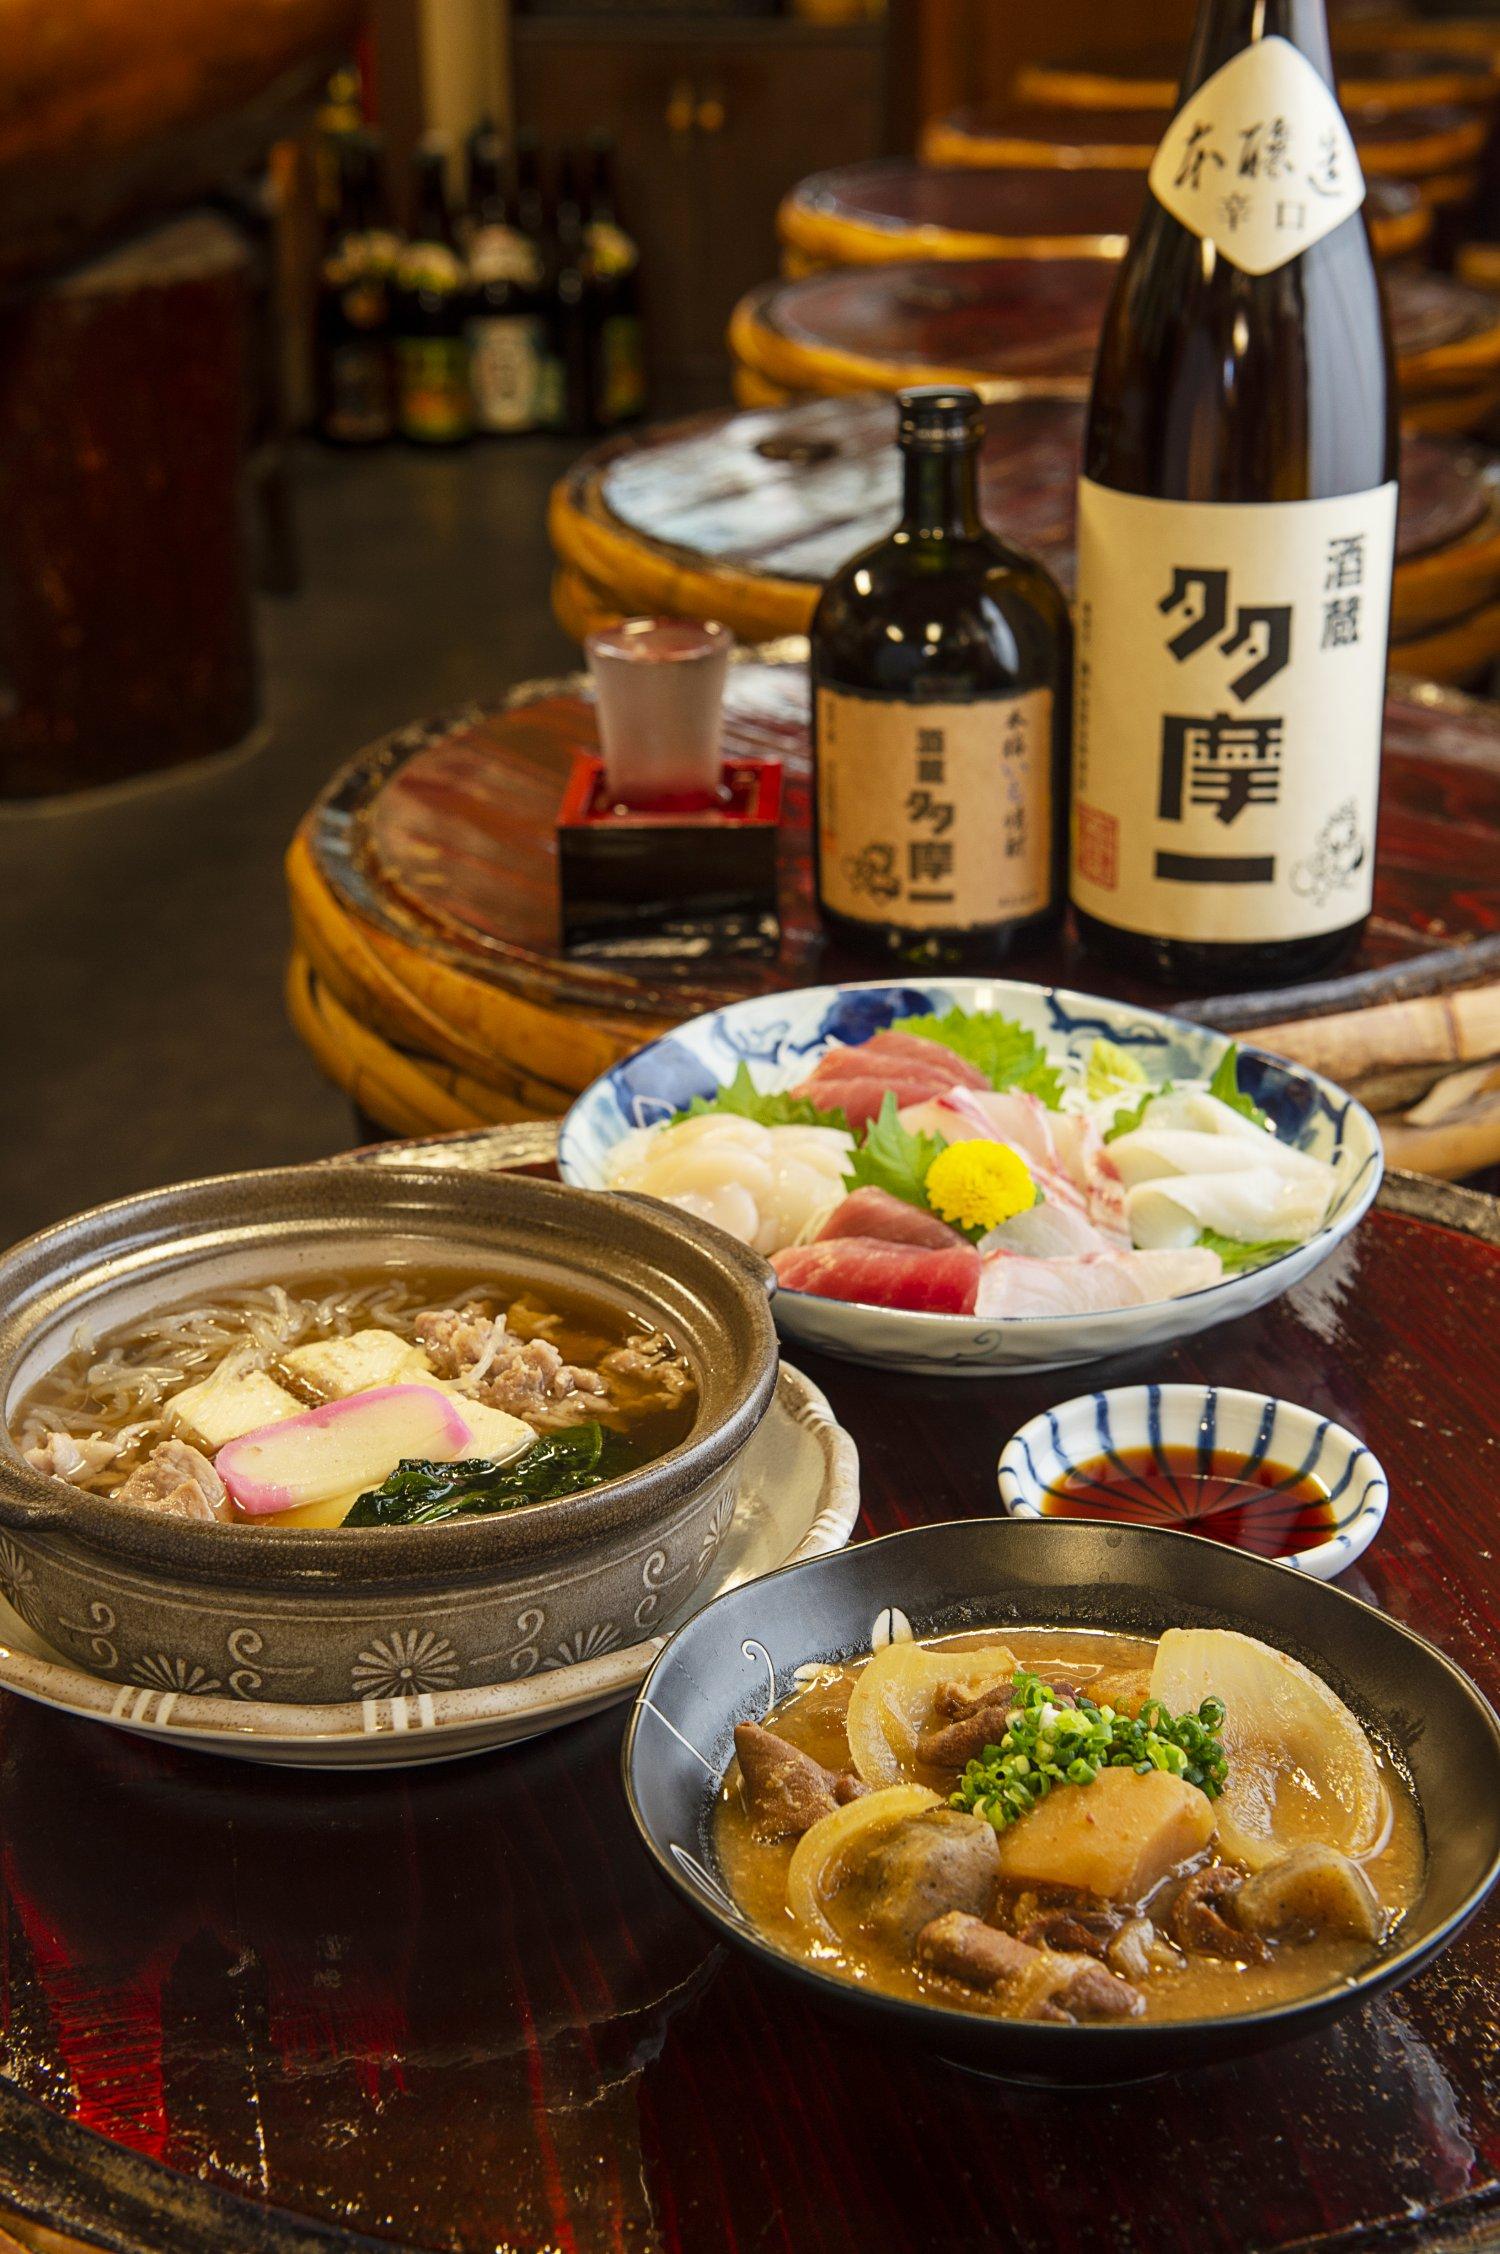 肉豆腐605円、もつ煮462円、刺し身盛り合わせ(小)1760円。オリジナルラベルの日本酒や焼酎も。